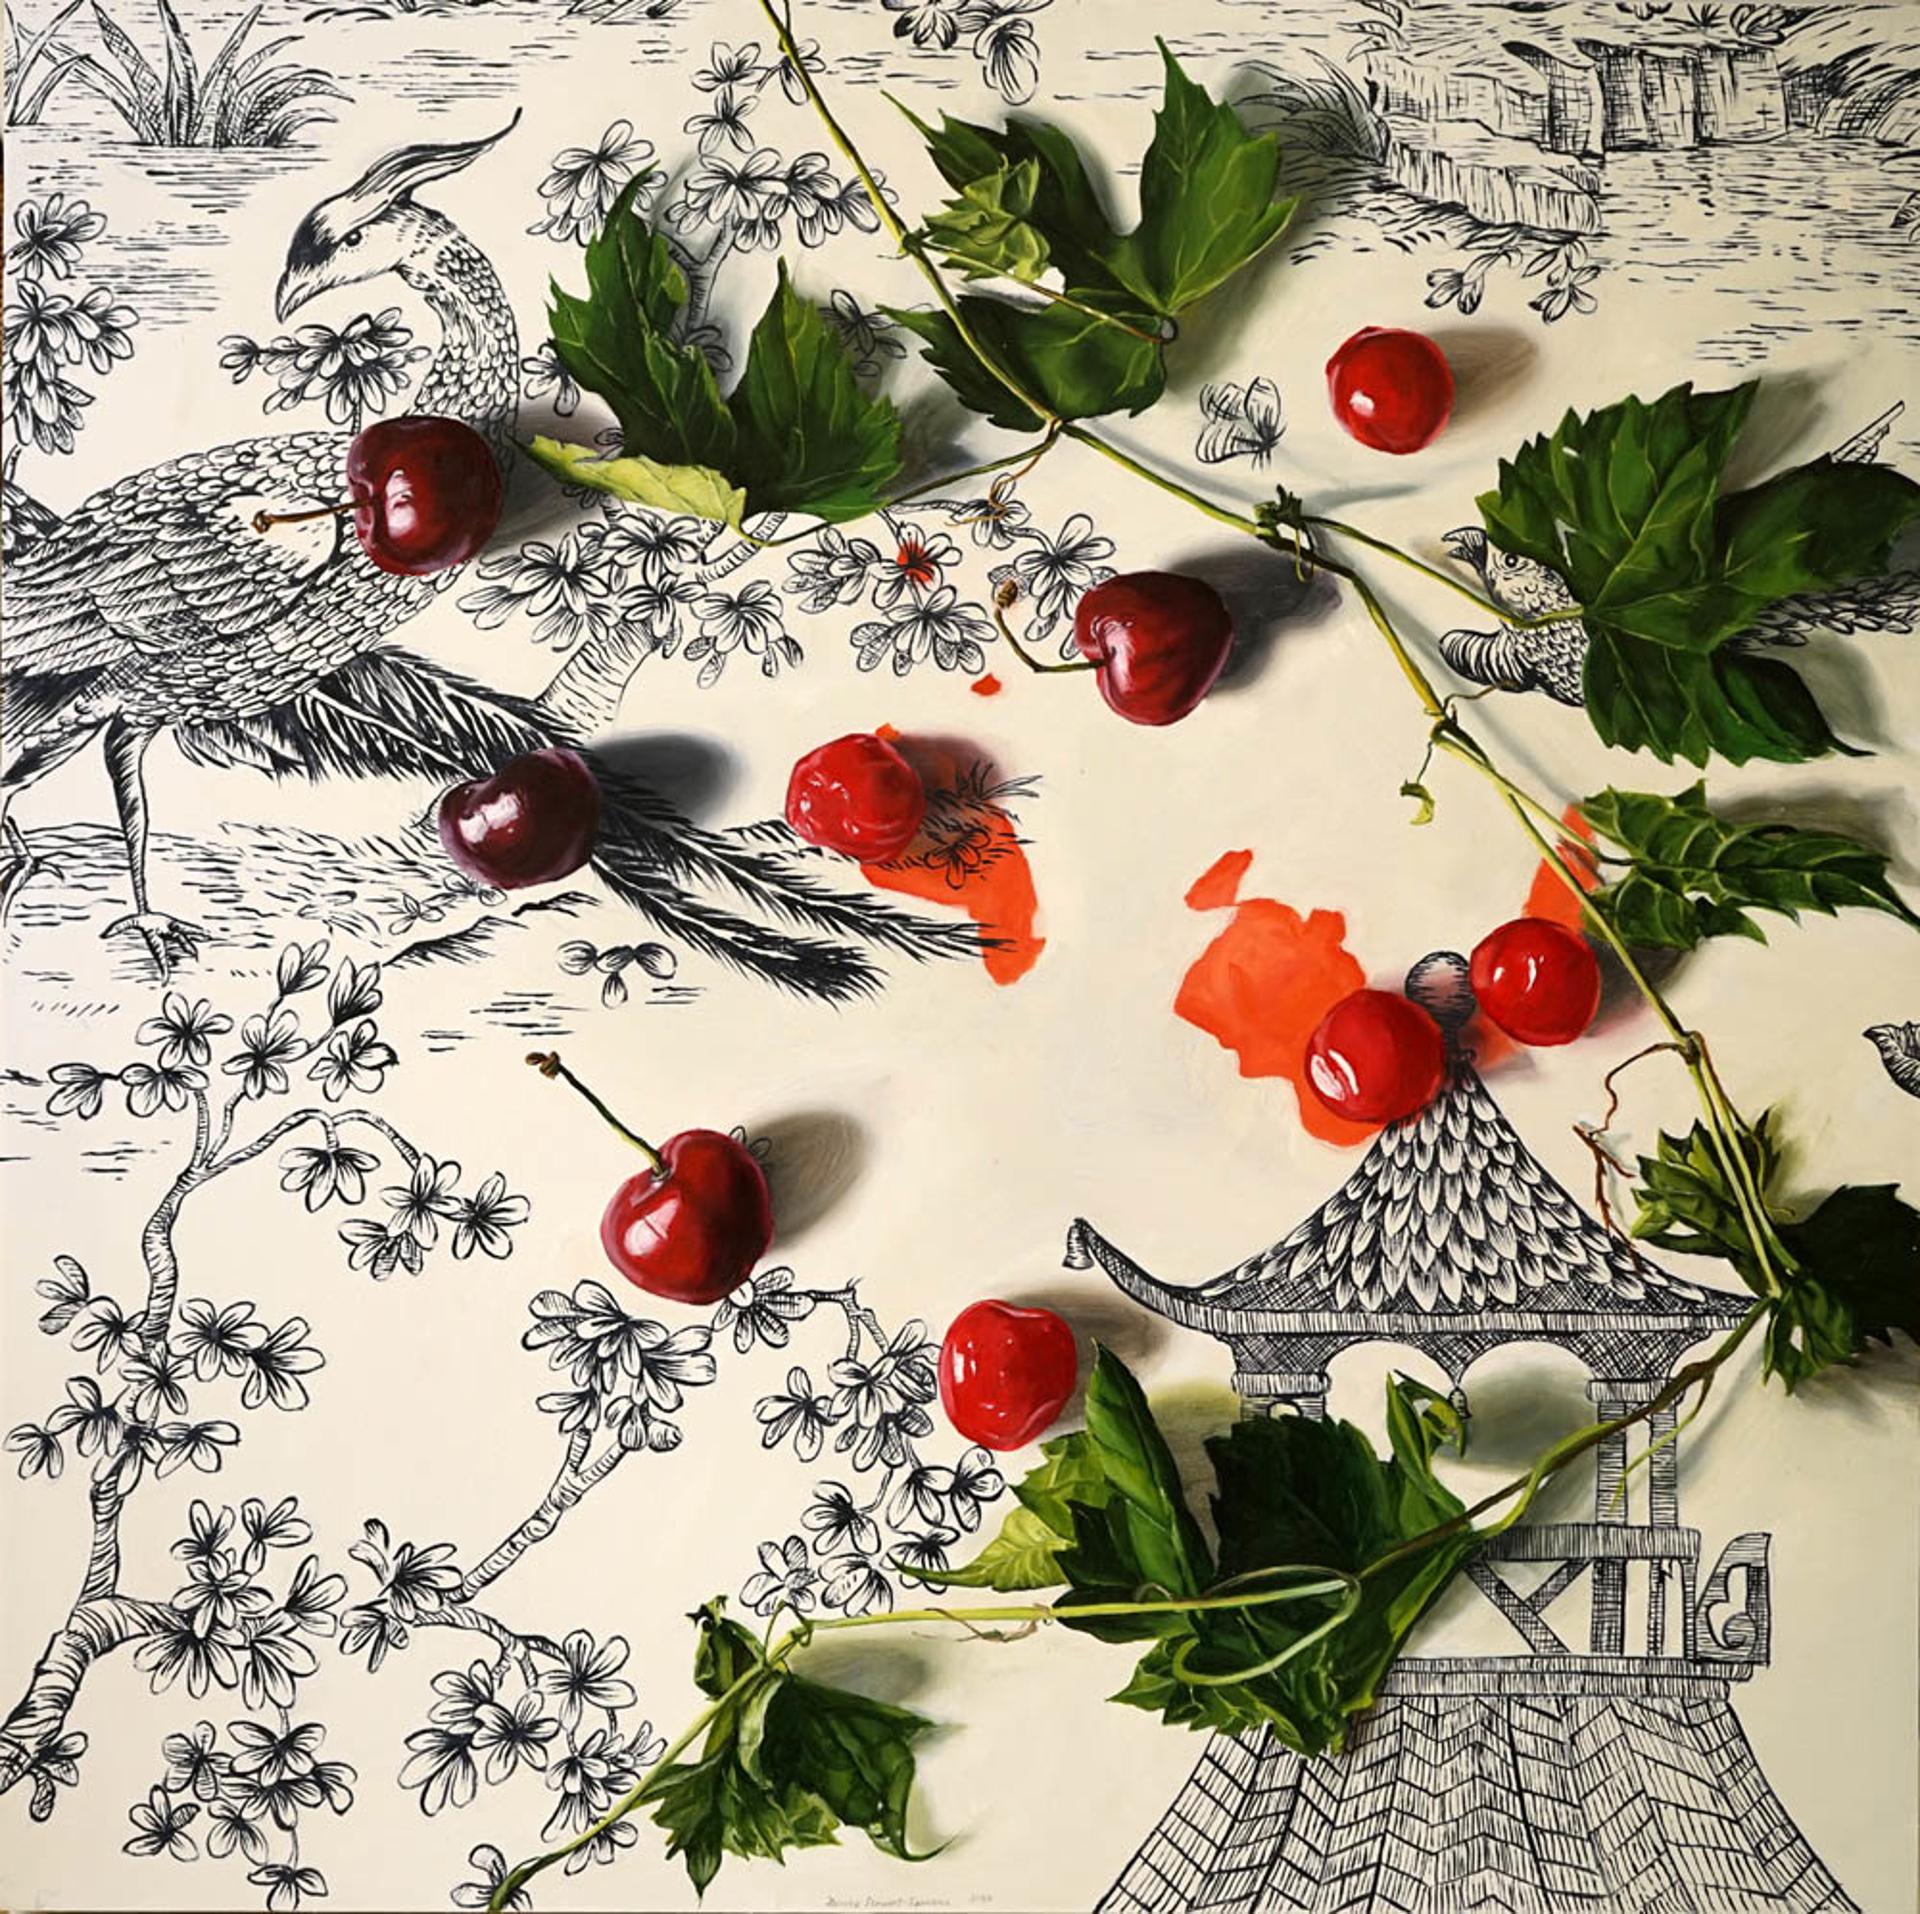 Cherry Stain by Denise Stewart-Sanabria